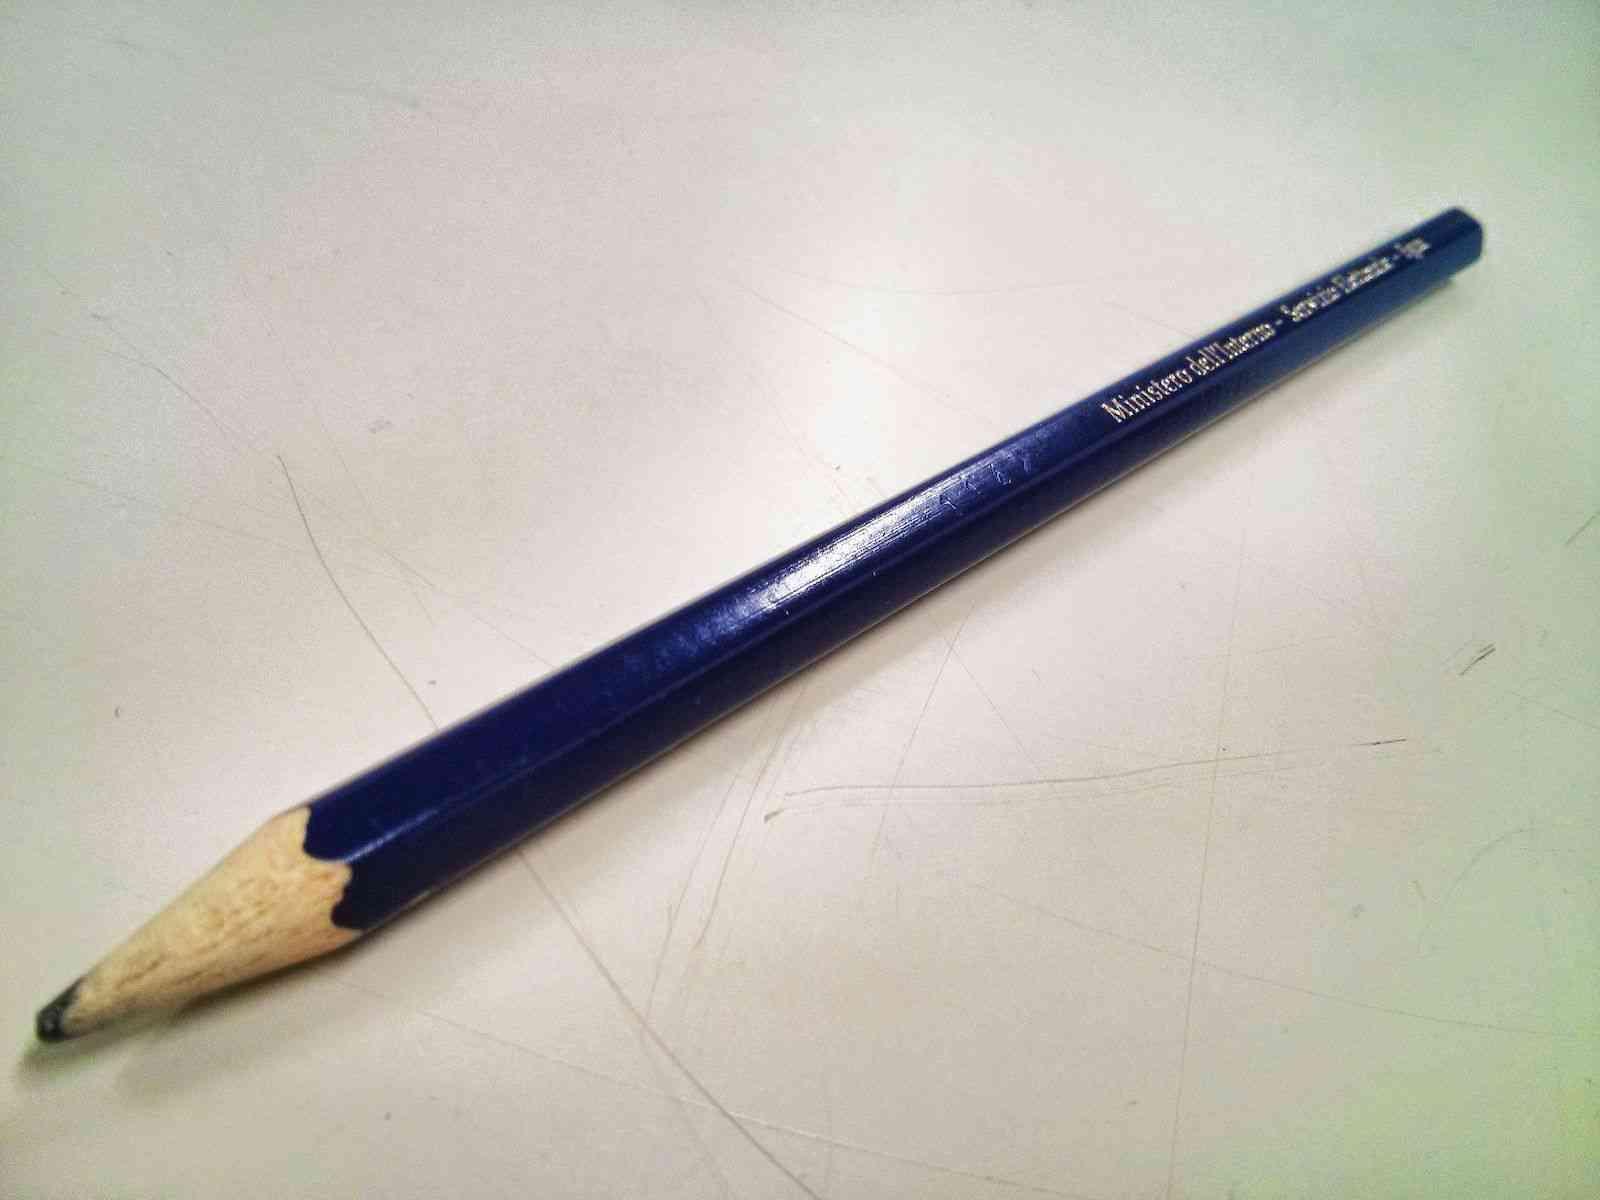 Una matita copiativa in dotazione ai seggi elettorali: prima della scritta è visibile, inciso, un codice numerico. - Foto: Wikipedia